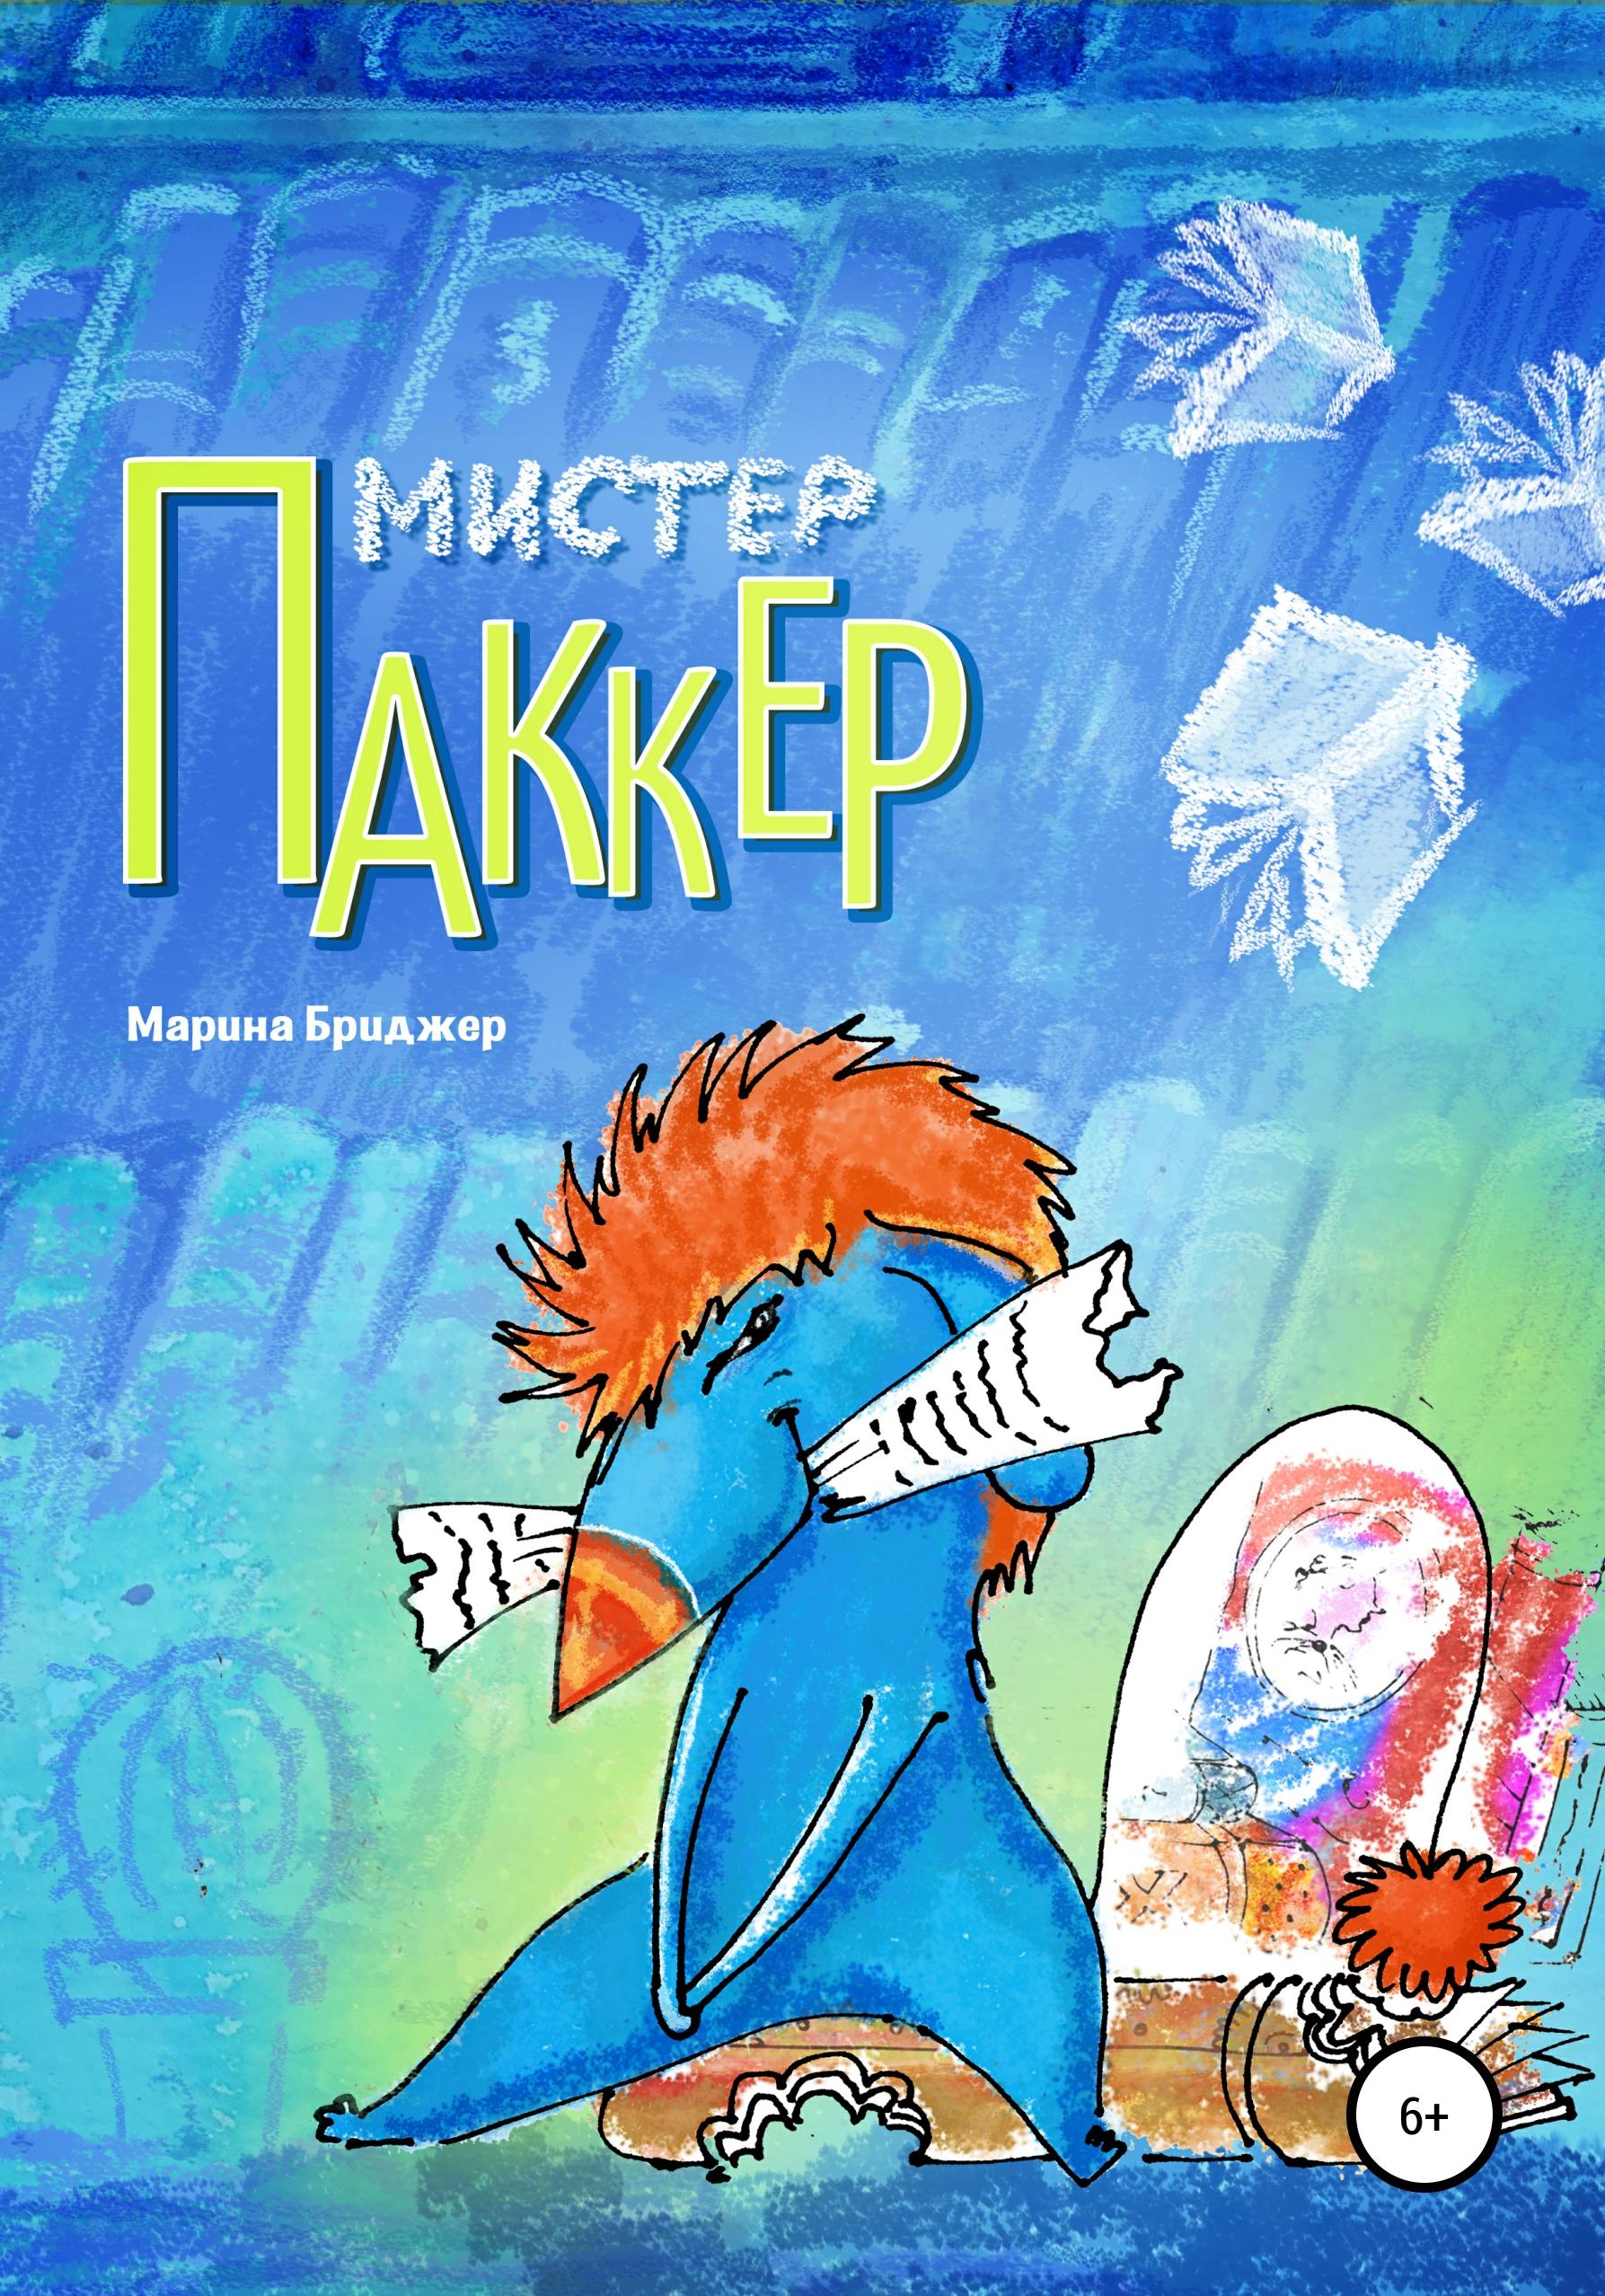 Мистер Паккер